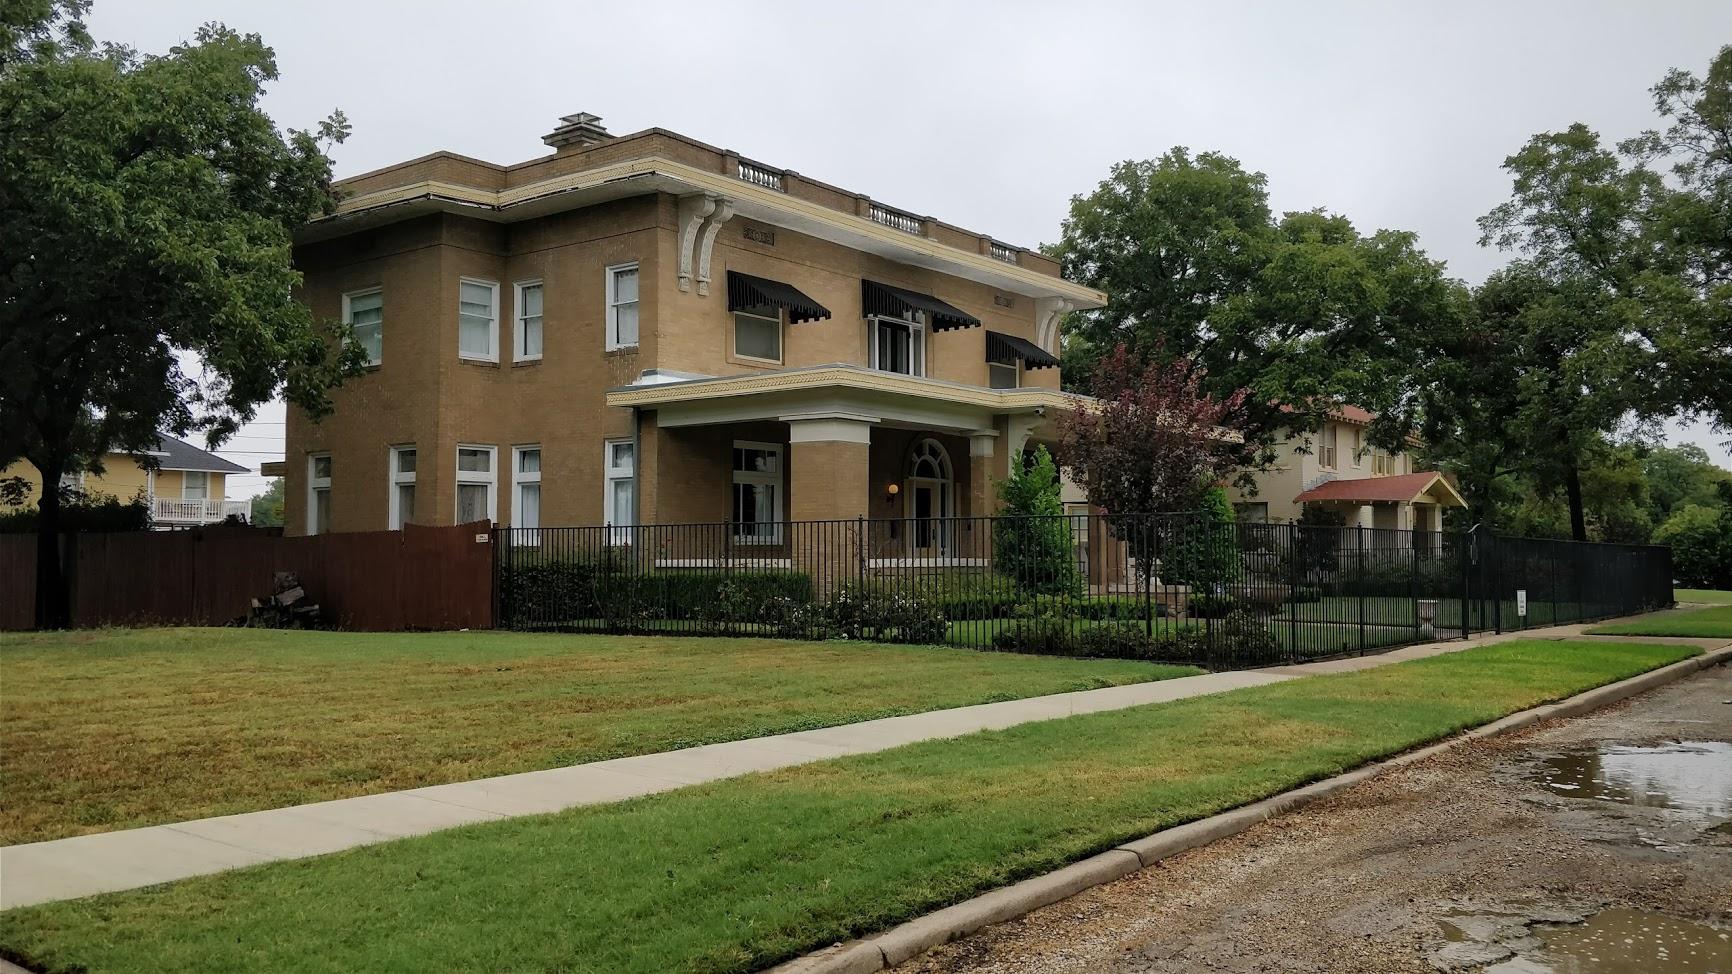 Decorating Design For Historic Houses Paint Colors Antiques Architectural Details